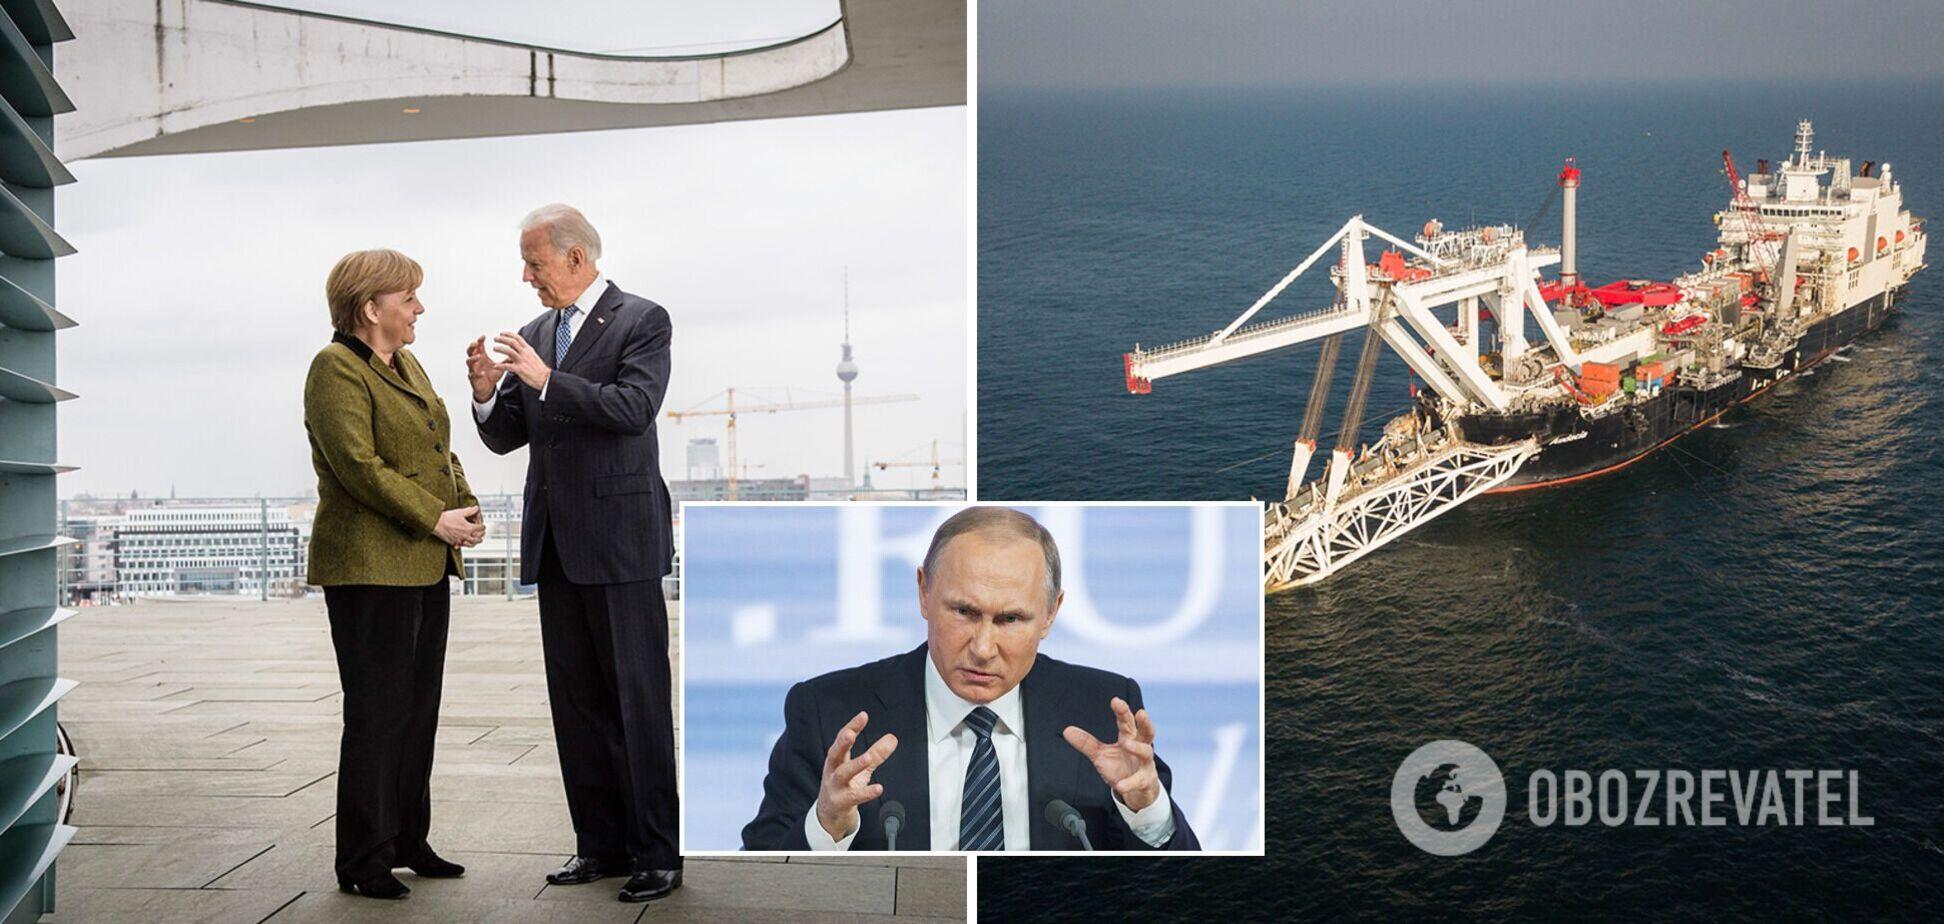 Путин победил? О чем договорились Байден и Меркель по 'Северному потоку-2' и что получит Украина